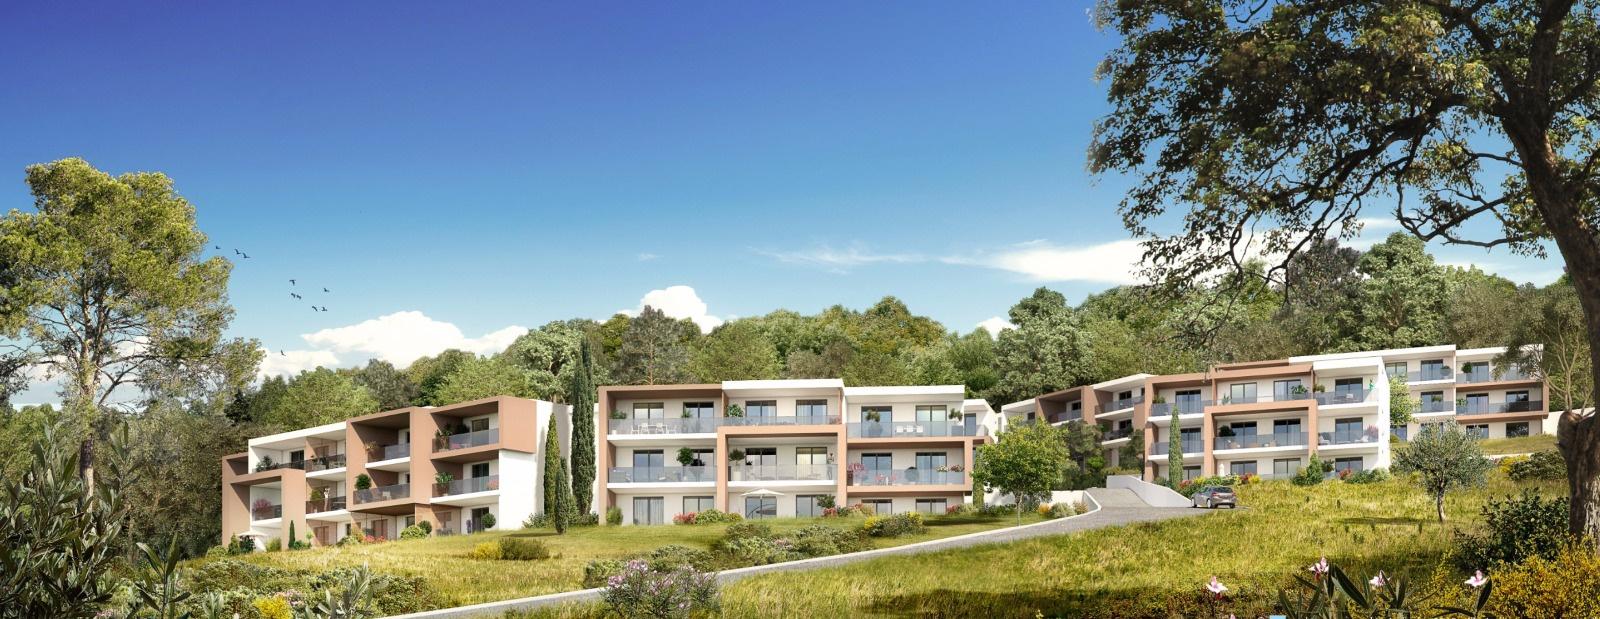 Les rivages de stagnola Porticcio T2 appartement immeuble